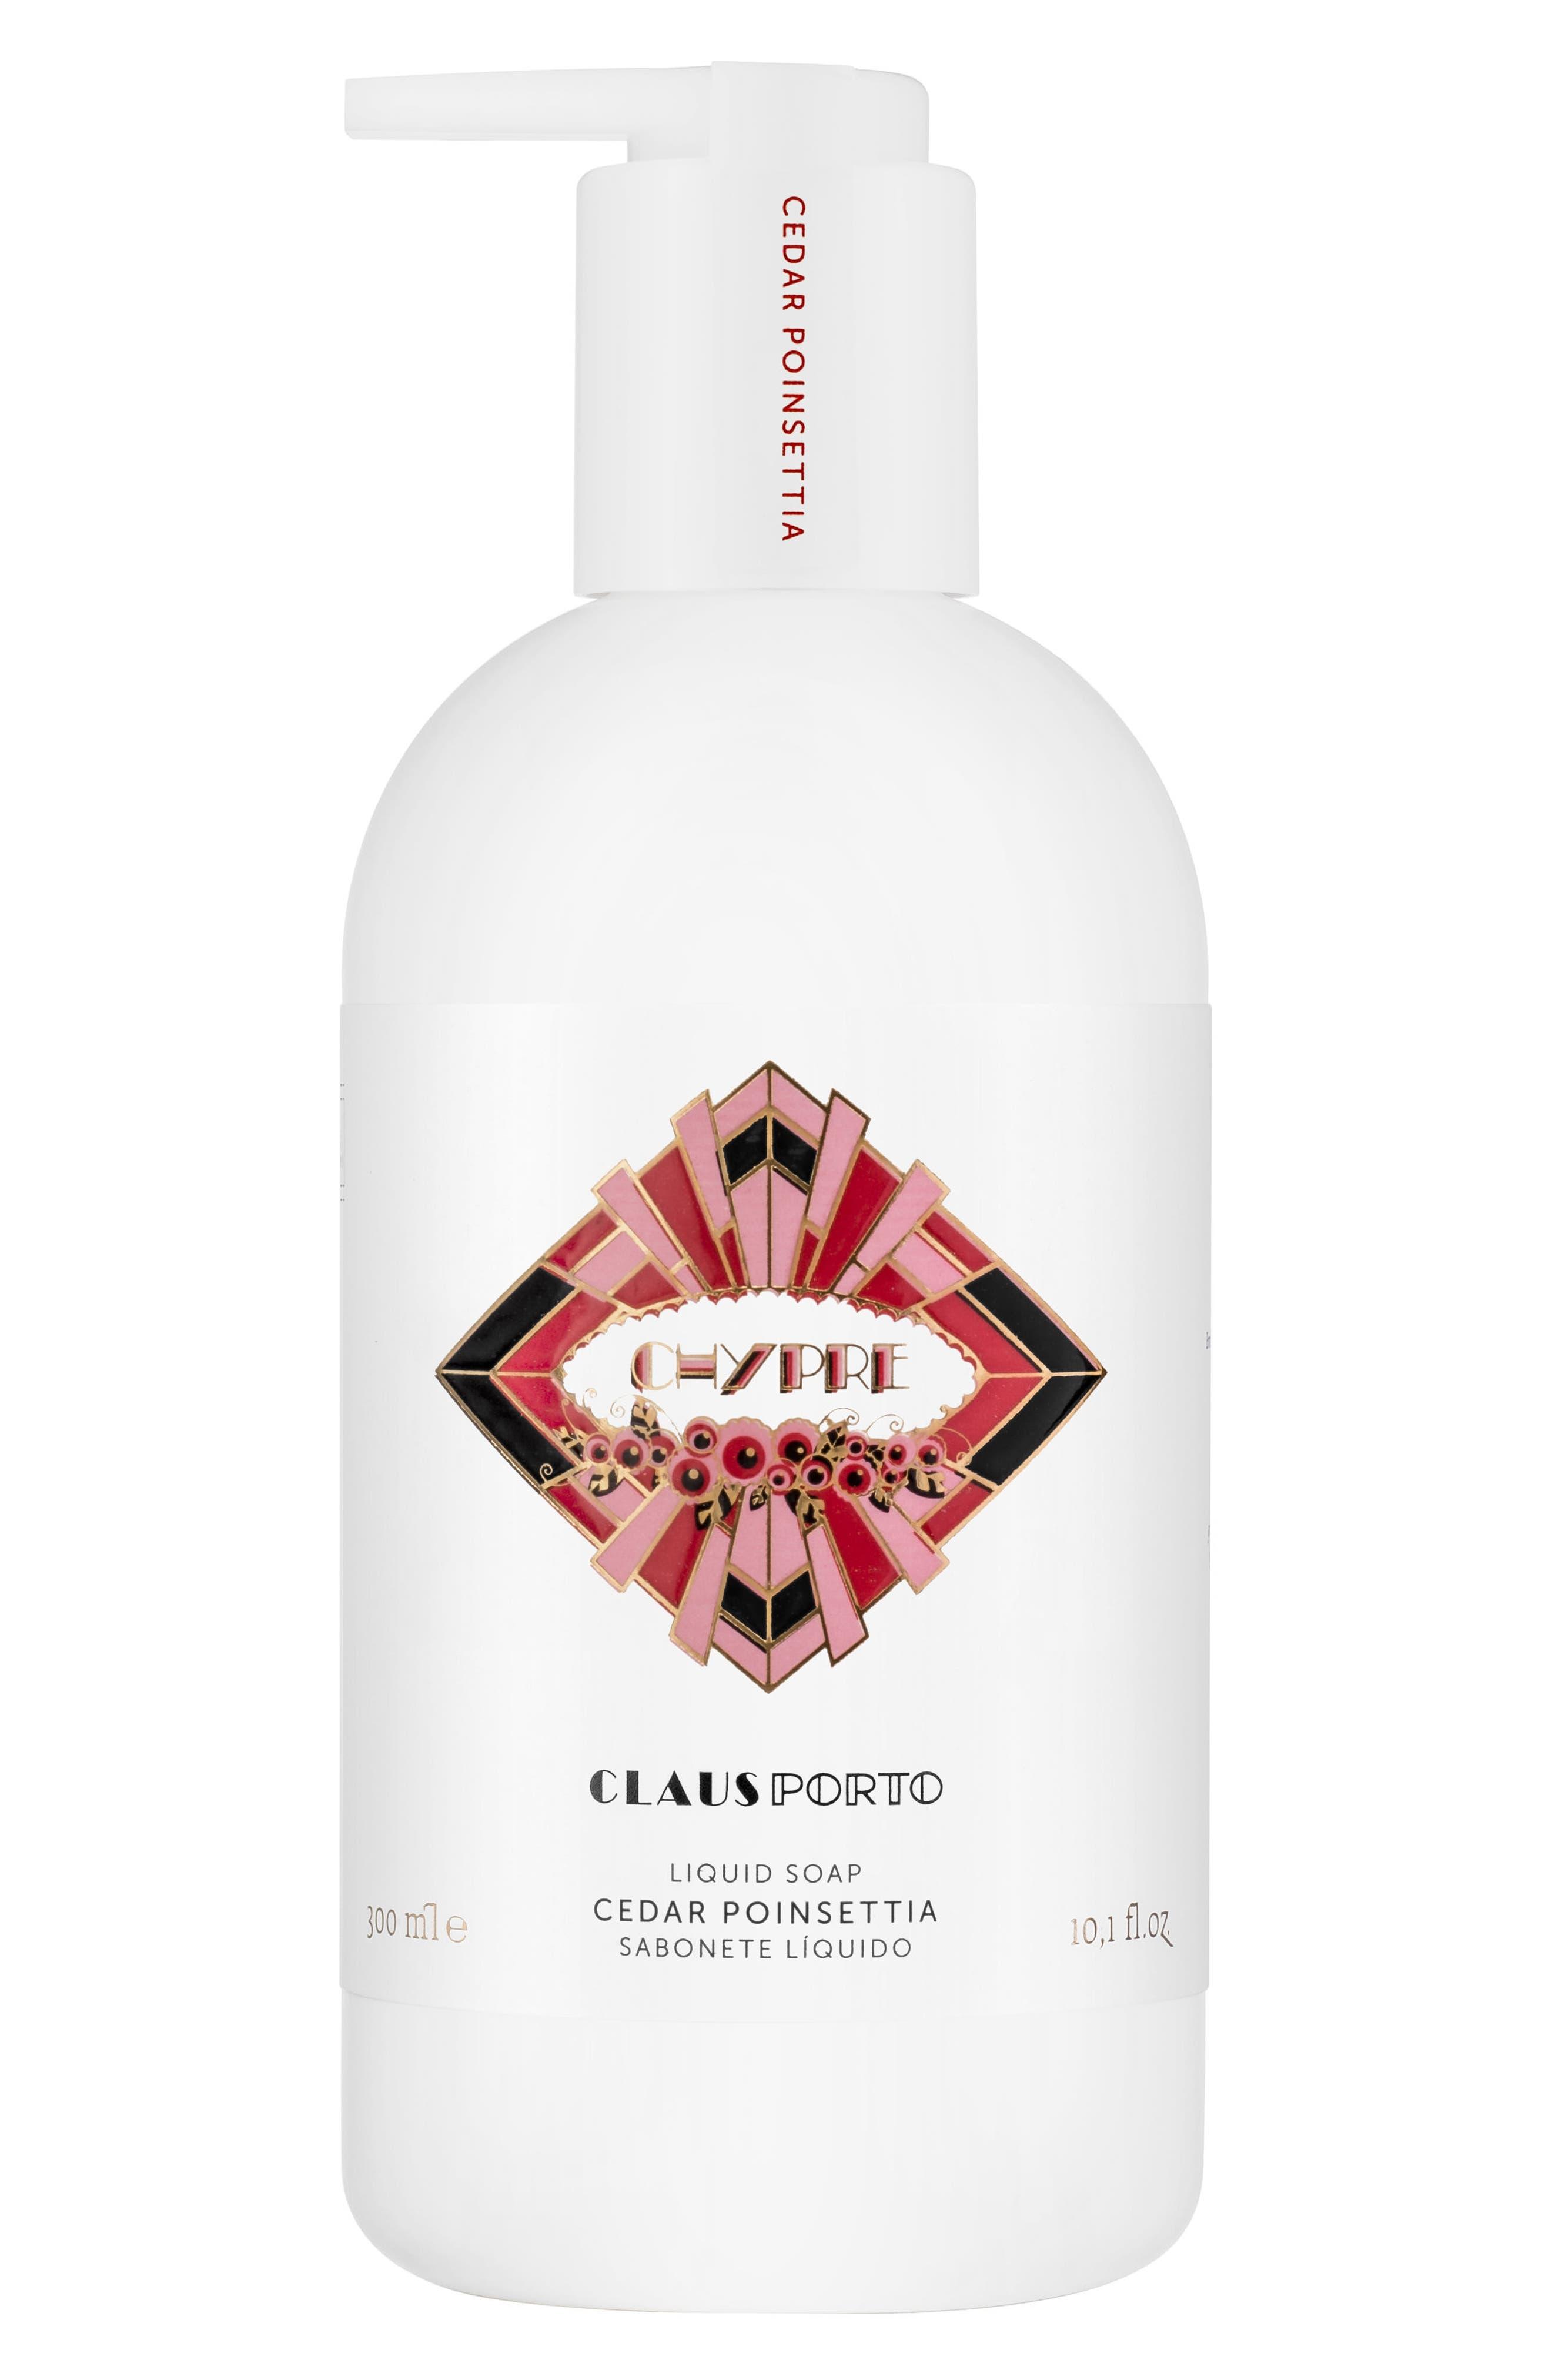 CLAUS PORTO Chypre Cedar Poinsettia Liquid Soap